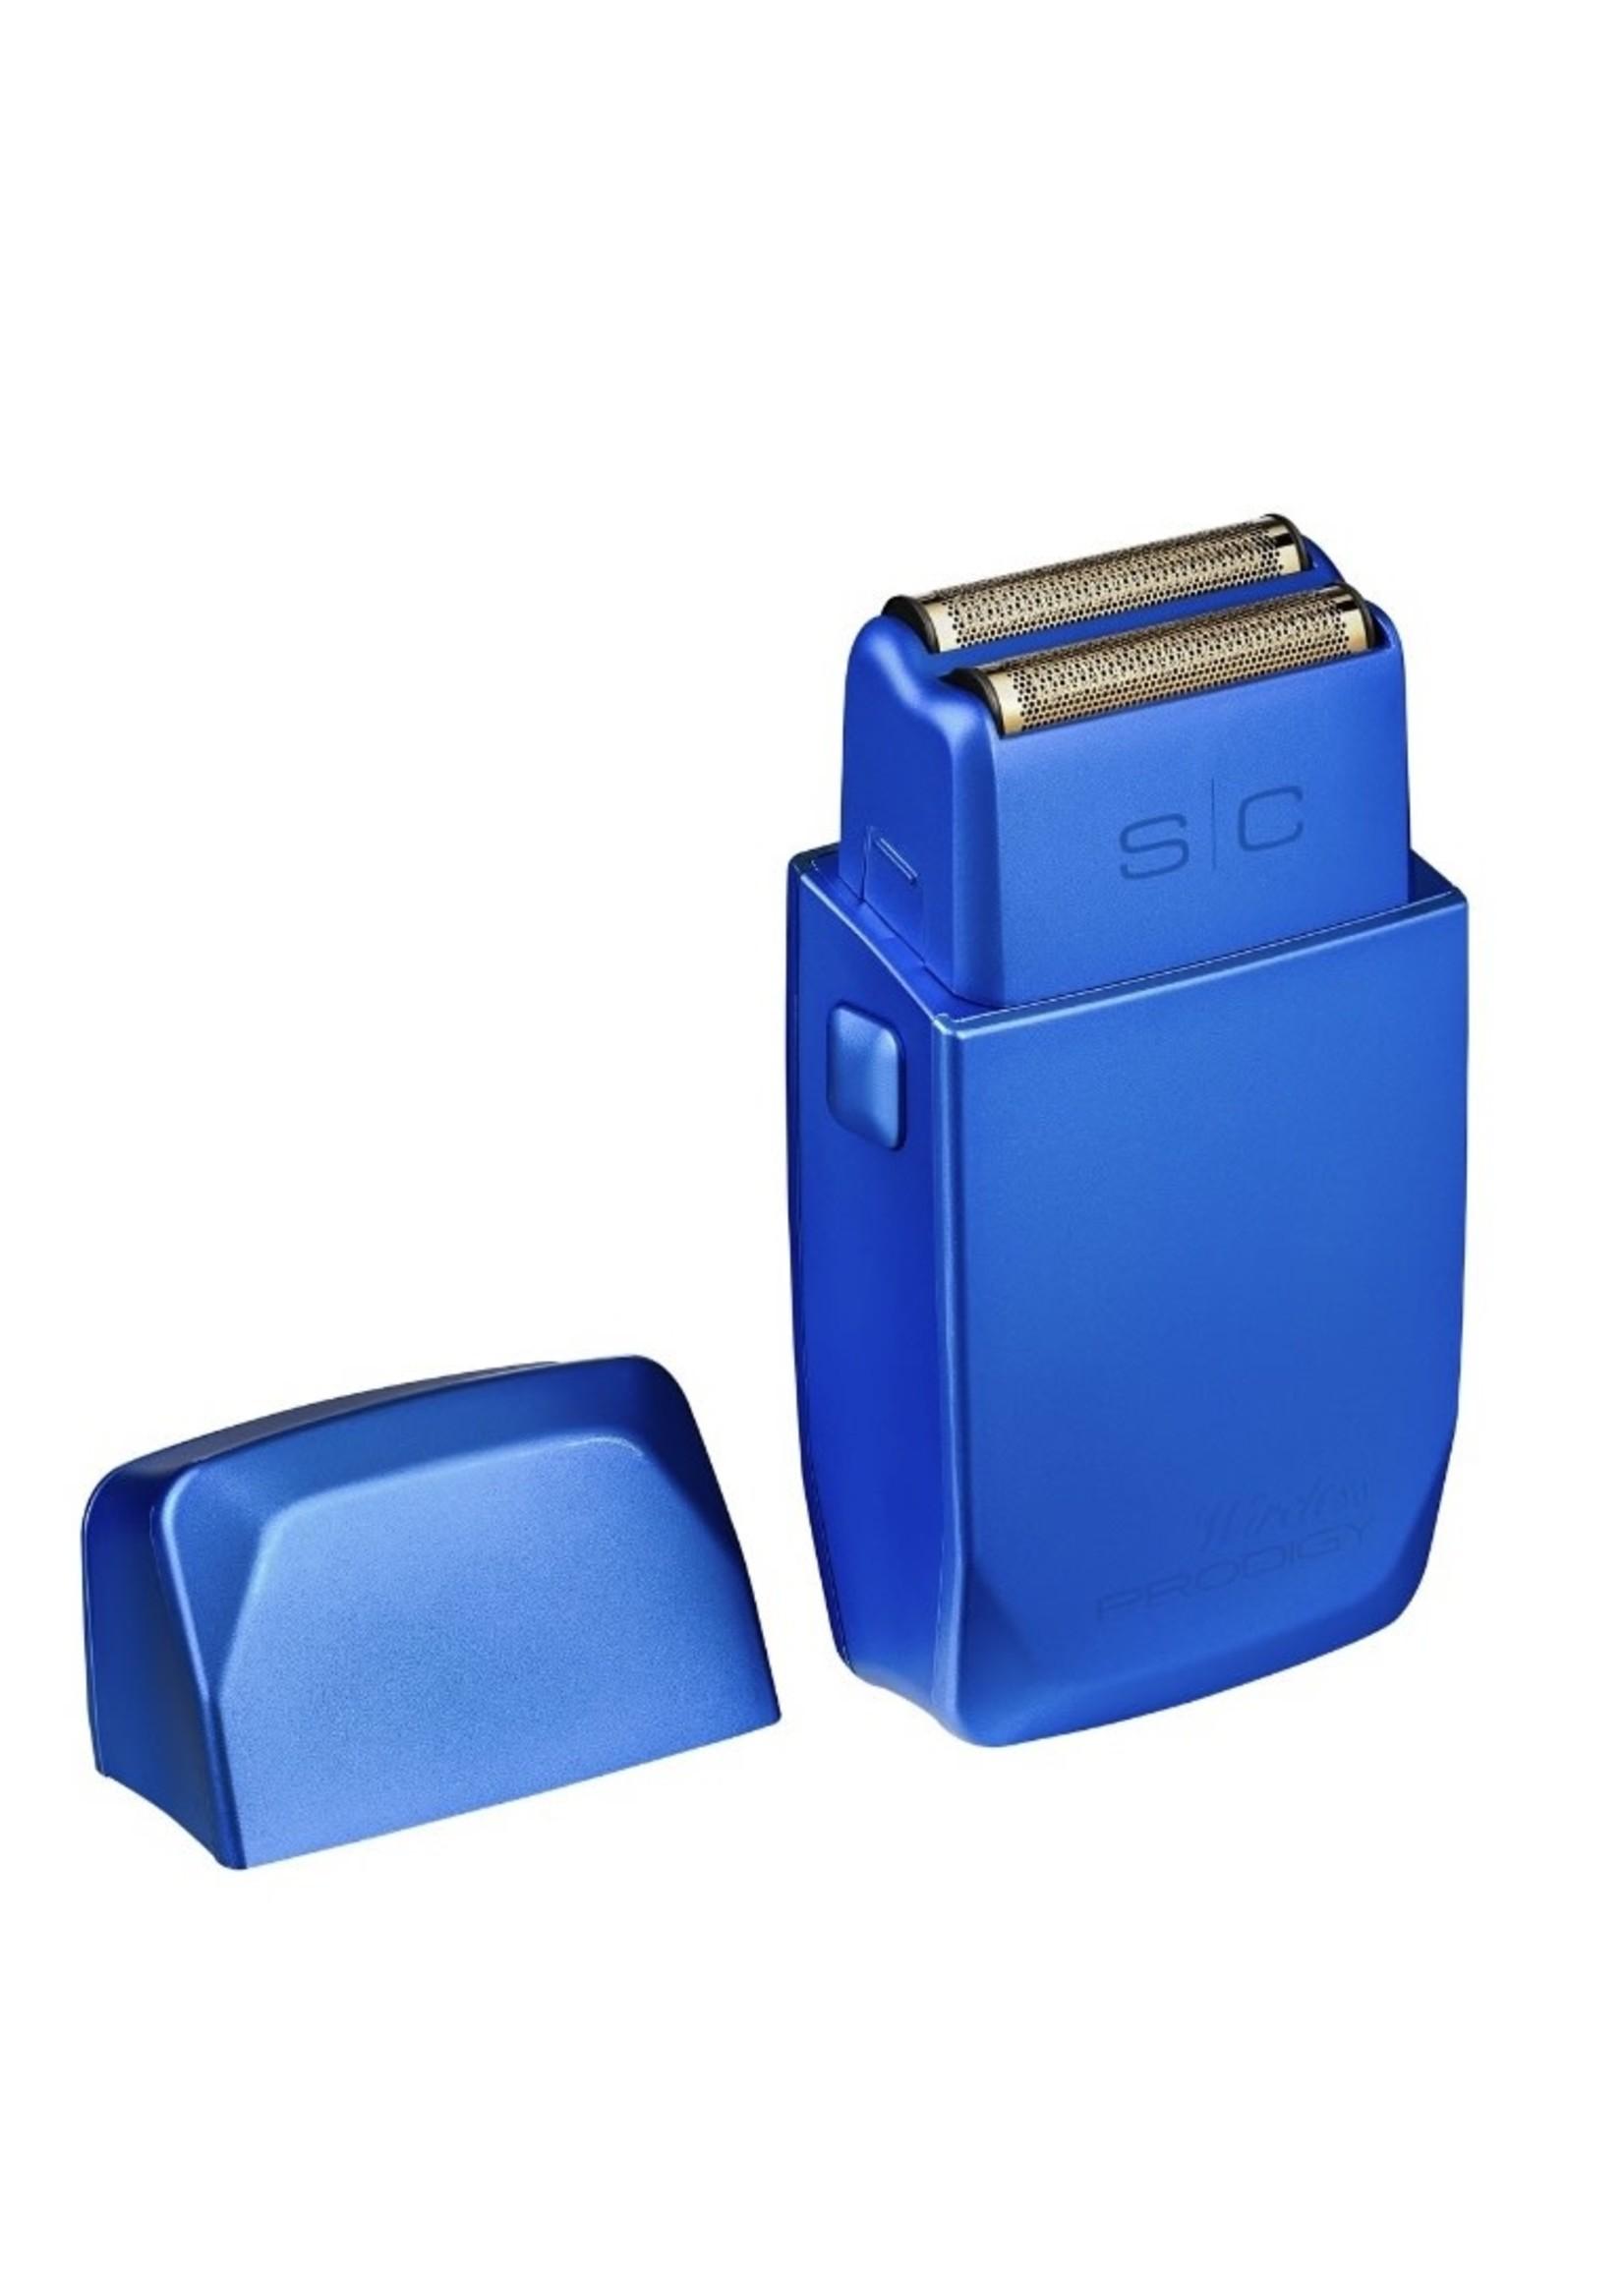 Stylecraft StyleCraft Prodigy Foil Shaver - Blue